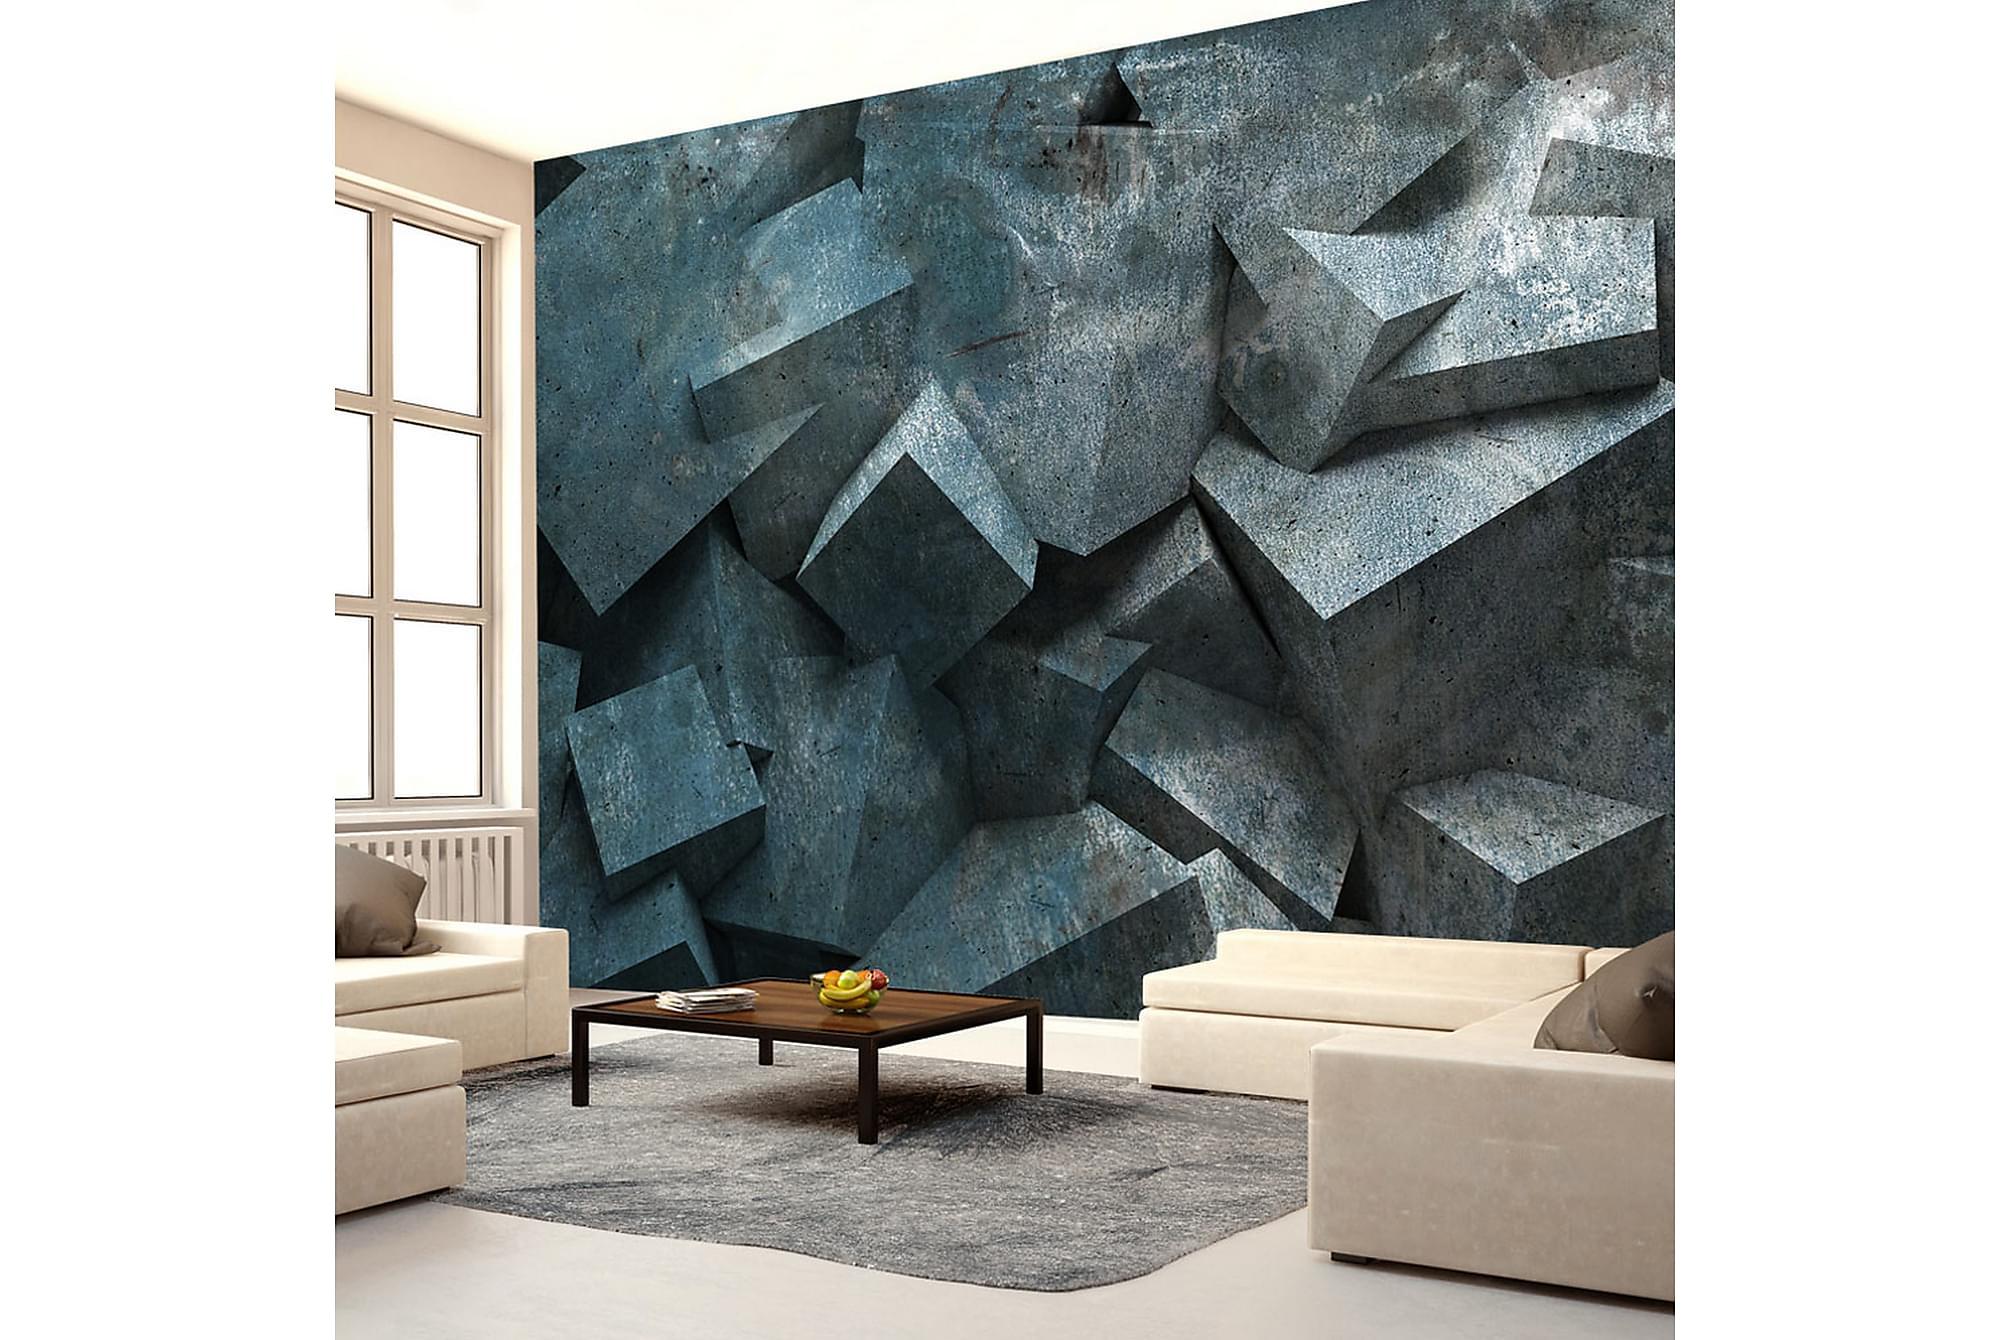 Fototapet stone avalanche 150x105